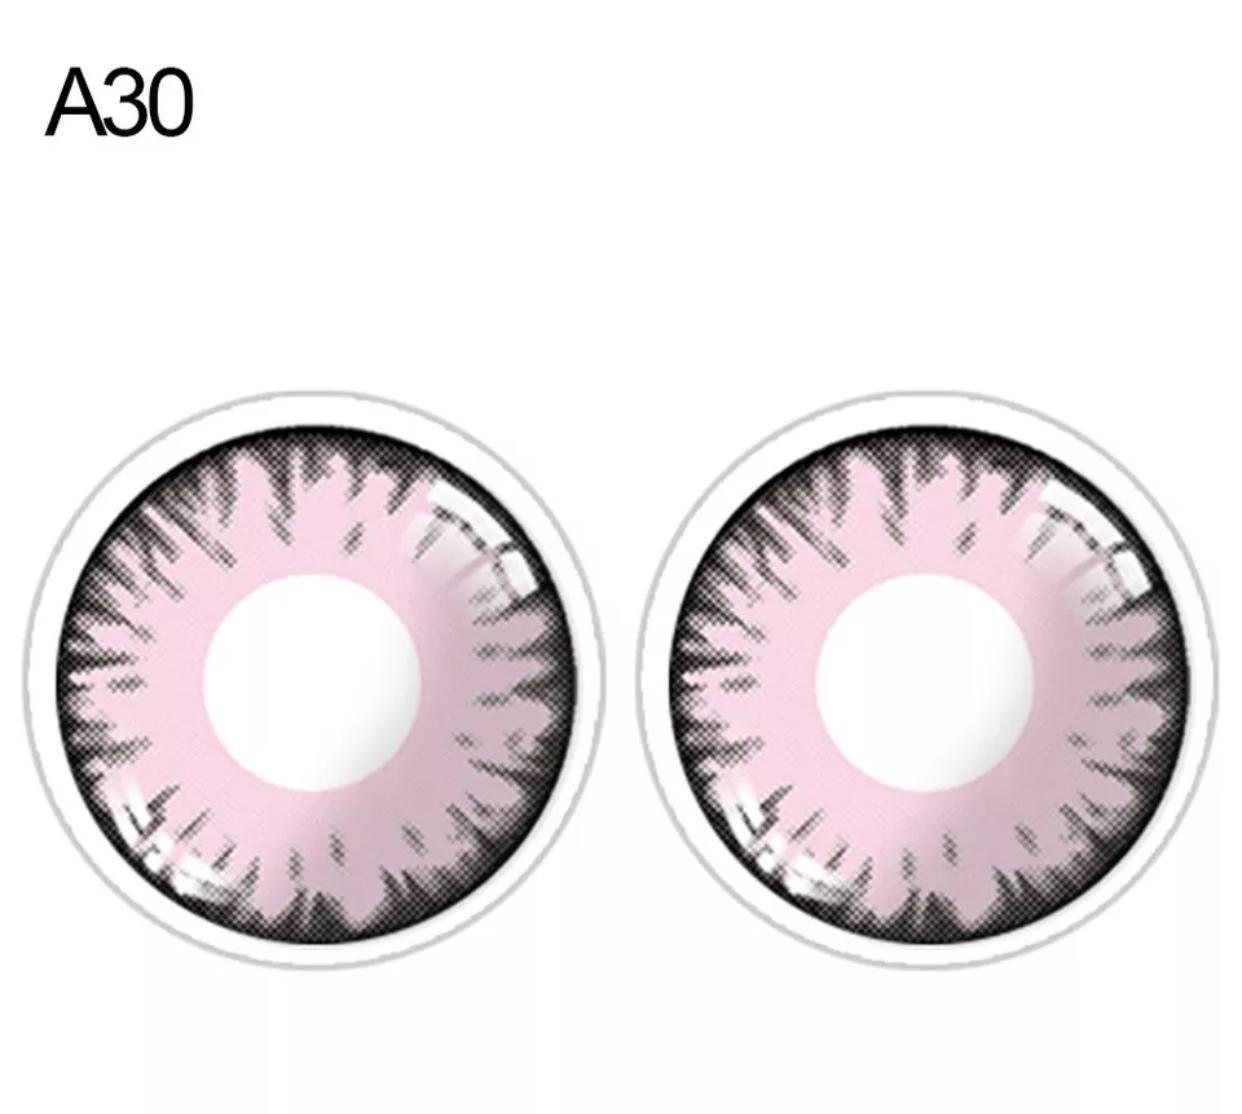 Lente de contato Rosa (A30)